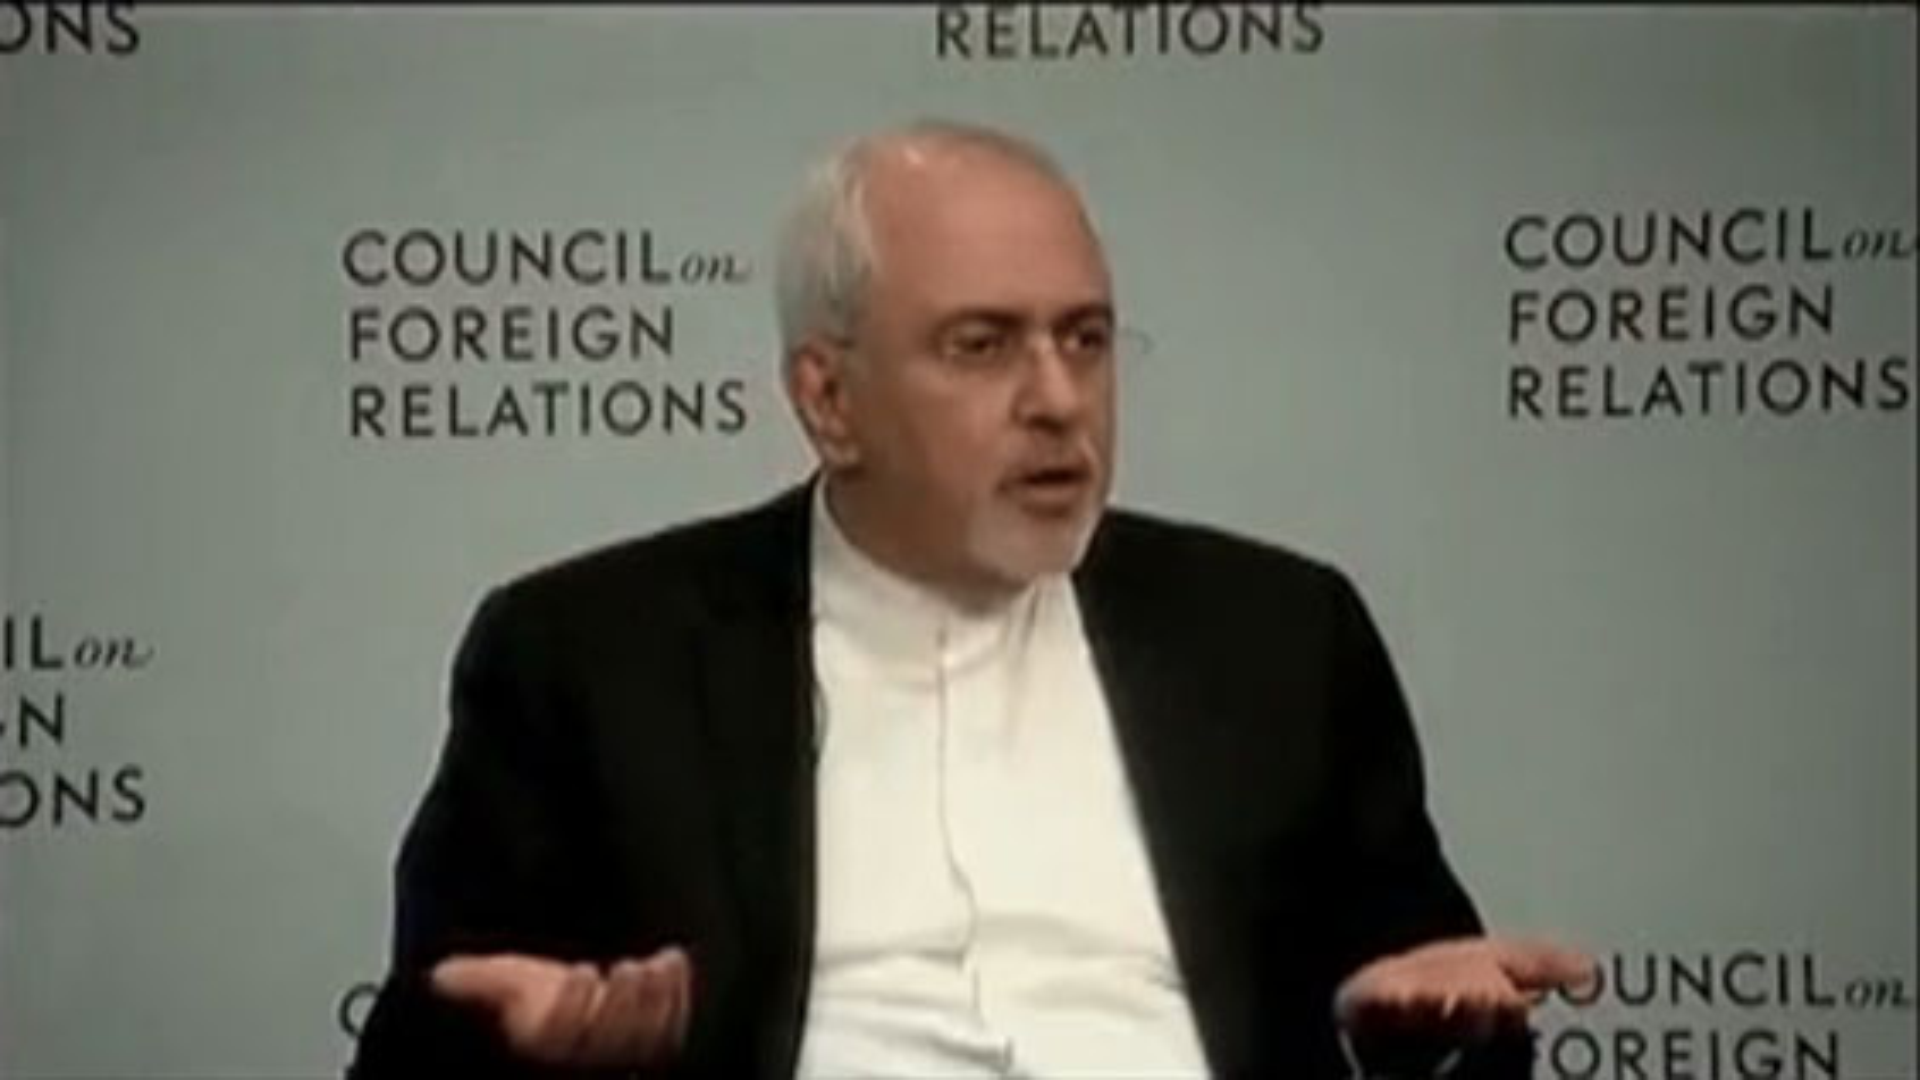 کنایه دکتر ظریف به عربستان در صفحه توییترش | فیلم